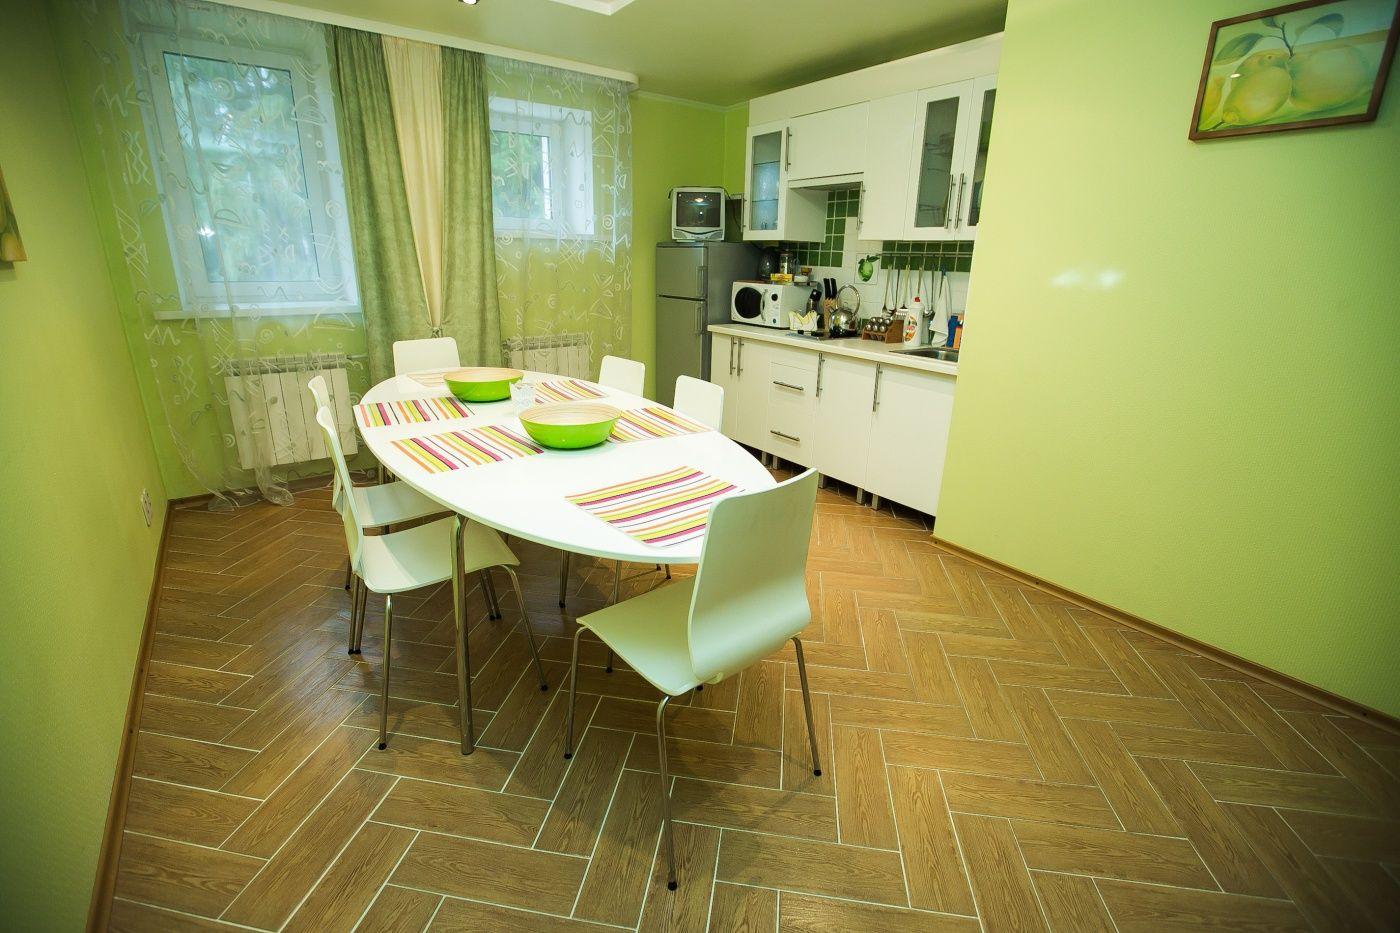 """Загородный отель """"Долина ИВолга"""" Тверская область Апартаменты VIP (с сауной) , фото 7"""